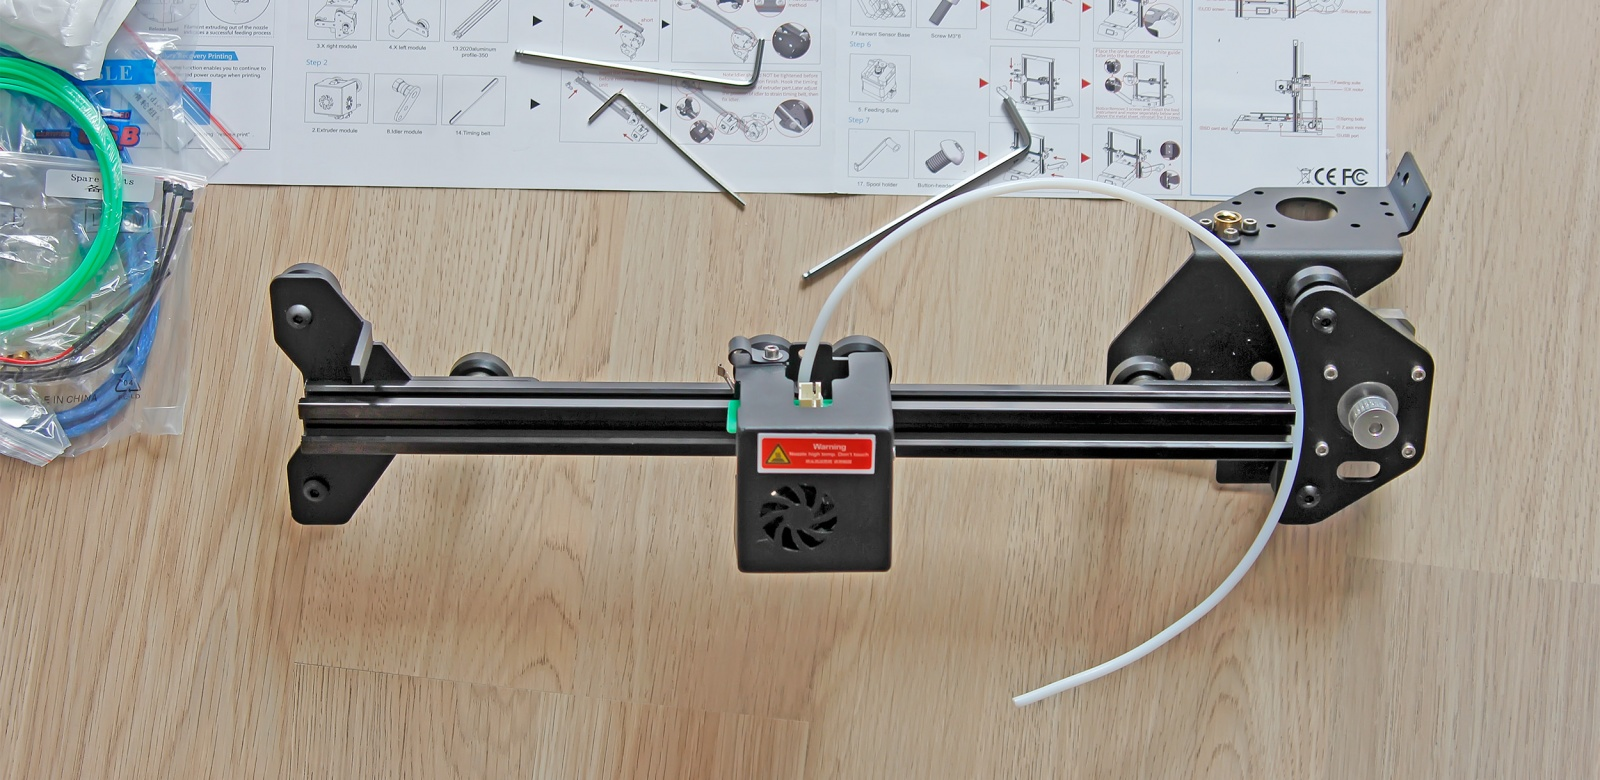 JG Maker — достойная альтернатива недорогим 3D-принтерам для начинающих - 25